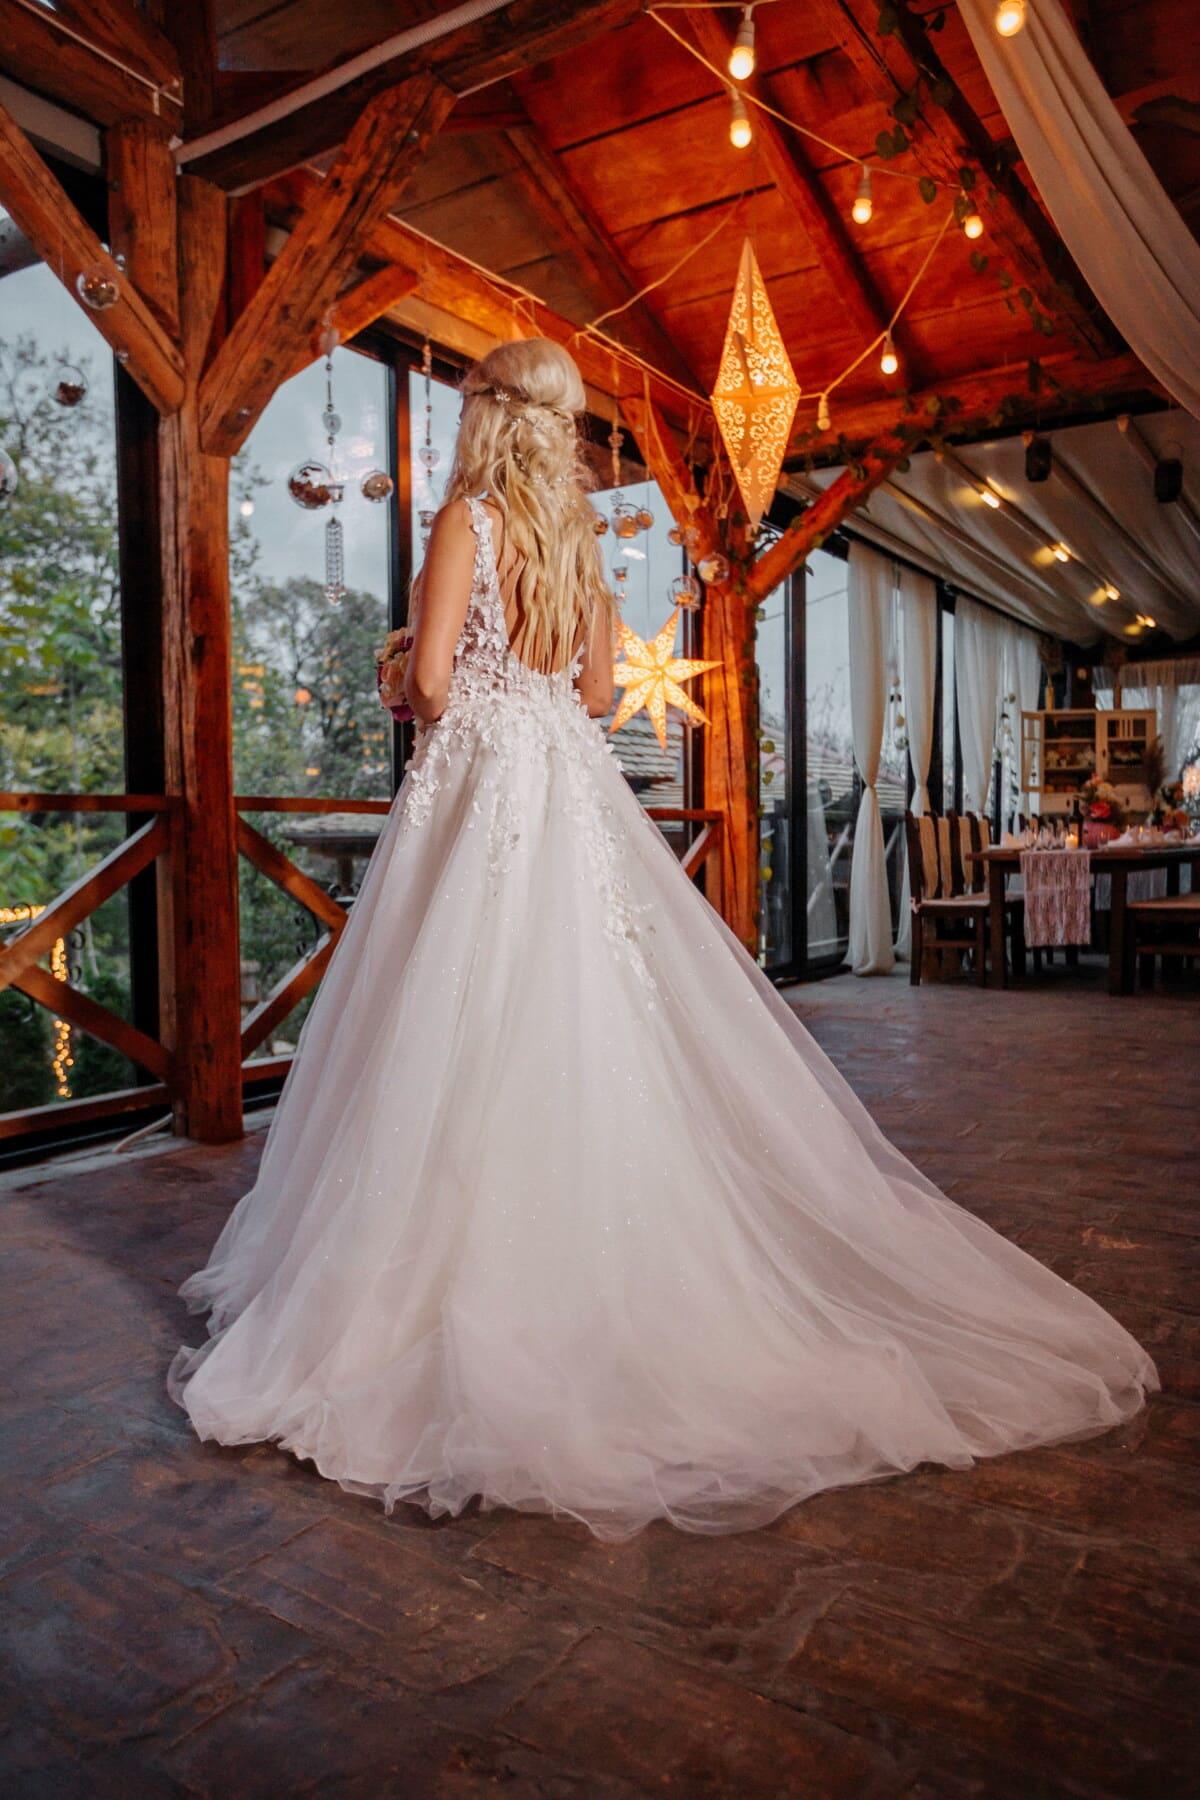 blonde, bride, posing, wedding dress, atmosphere, restaurant, cafeteria, marriage, love, groom